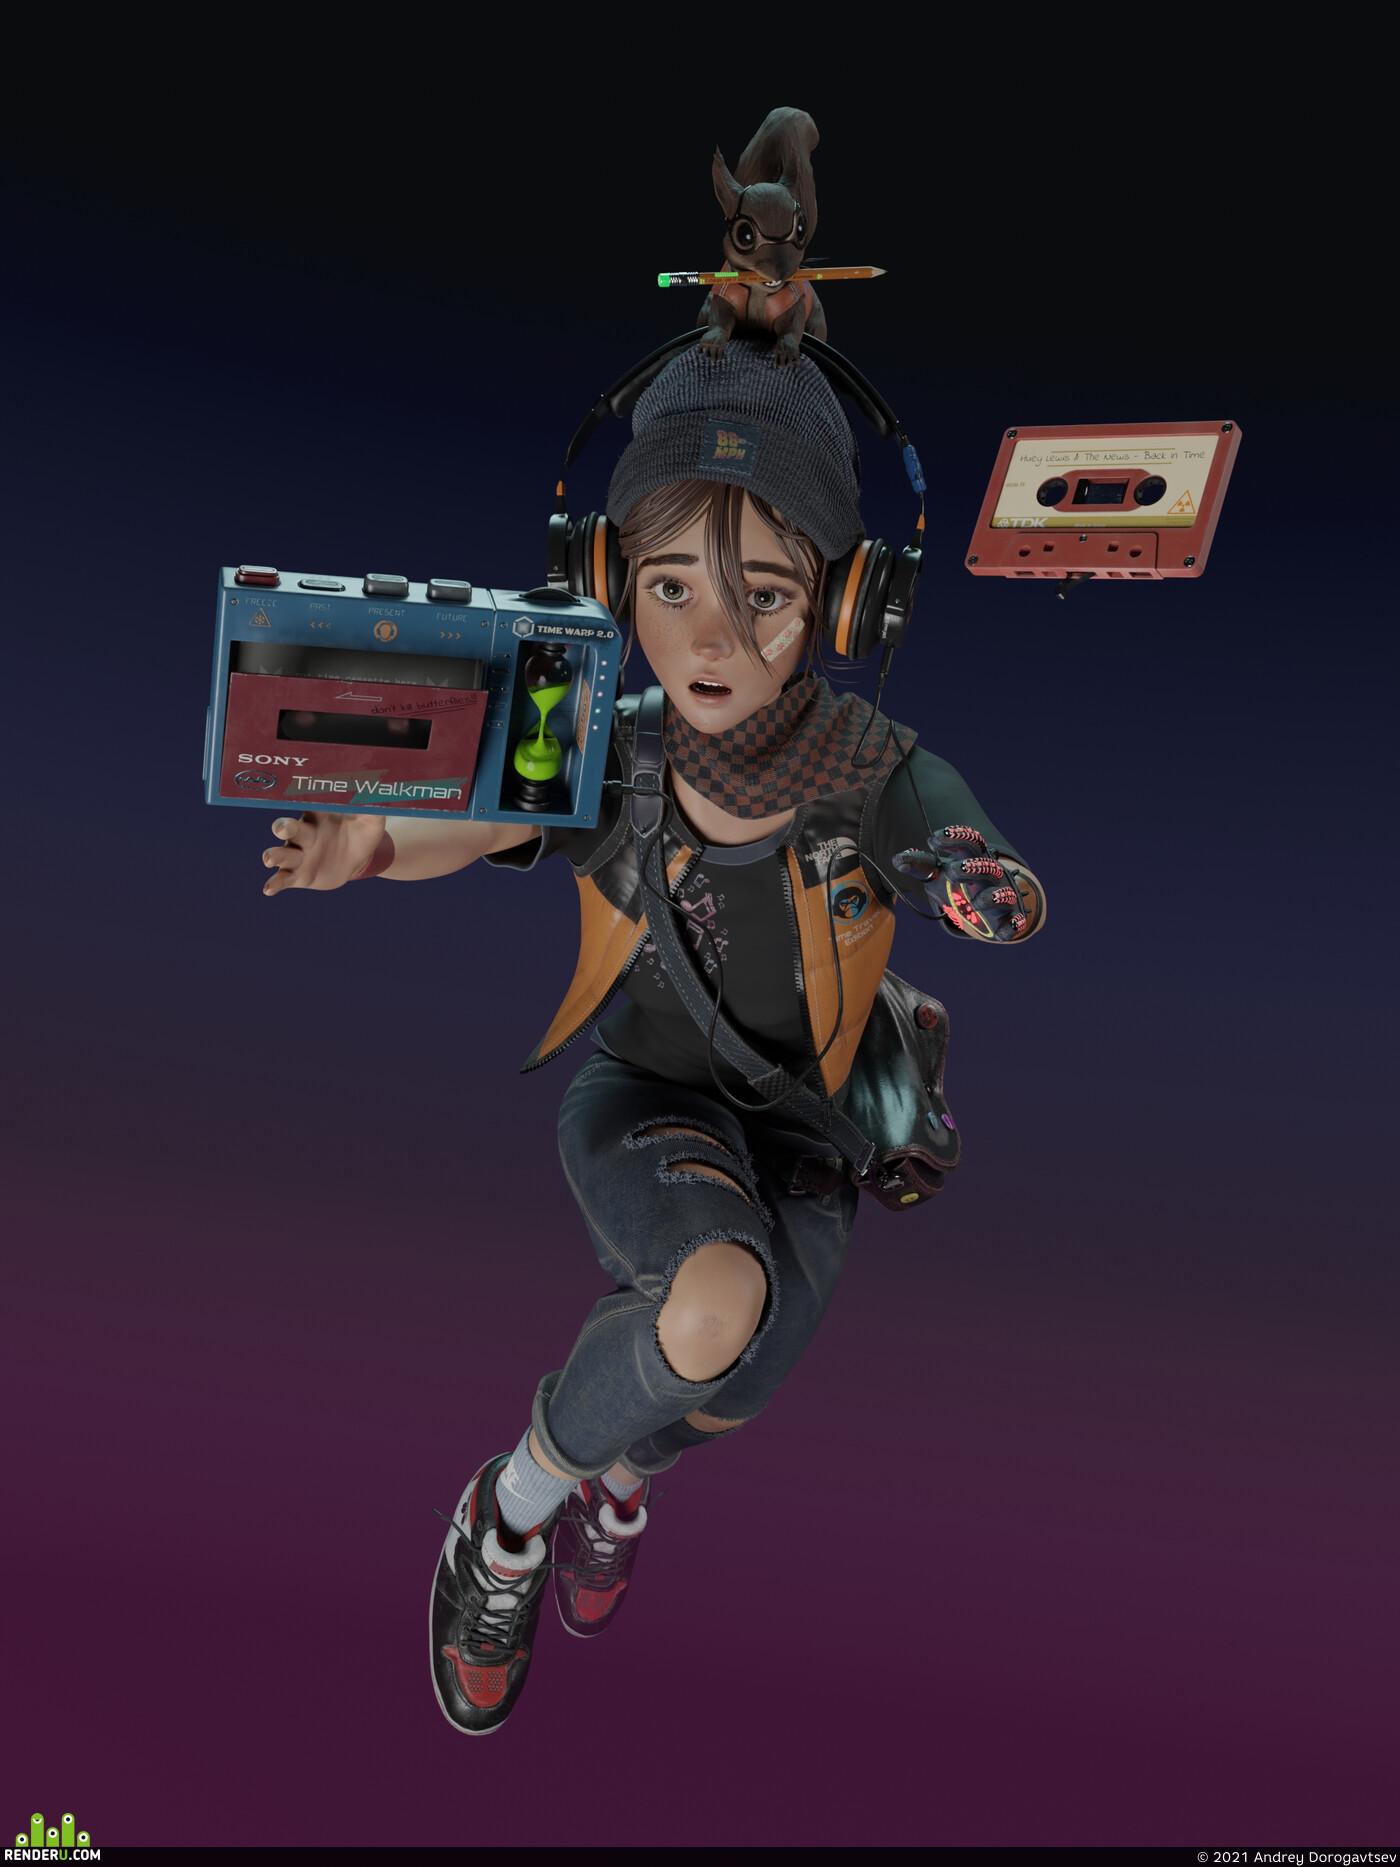 девушка, девочка, белка, Персонажи, 3d персонажи, дизайн персонажа, концепт персонажа, плеер, карандаш, одежда